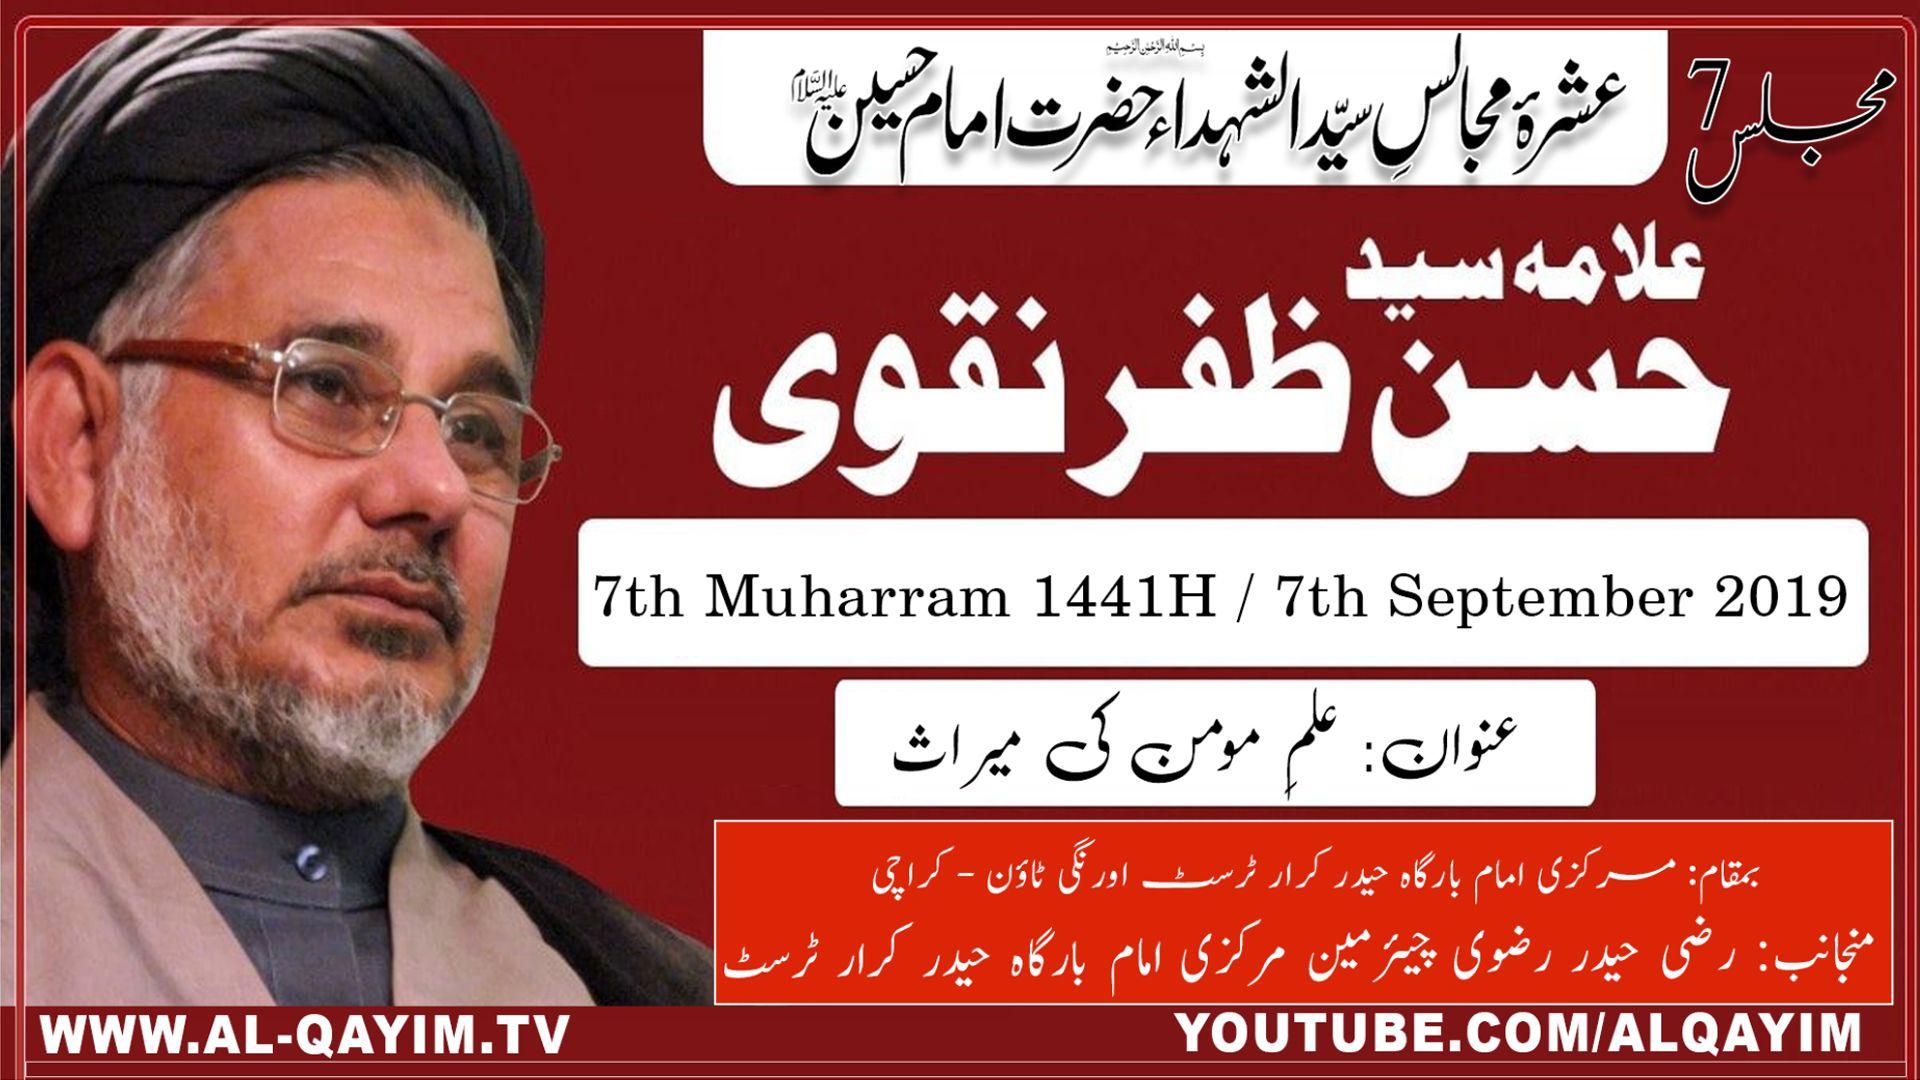 7th Muharram Majlis - 2019 - Moulana Hasan Zafar Naqvi - Imam Bargah Haider-e-Karar Orangi Town